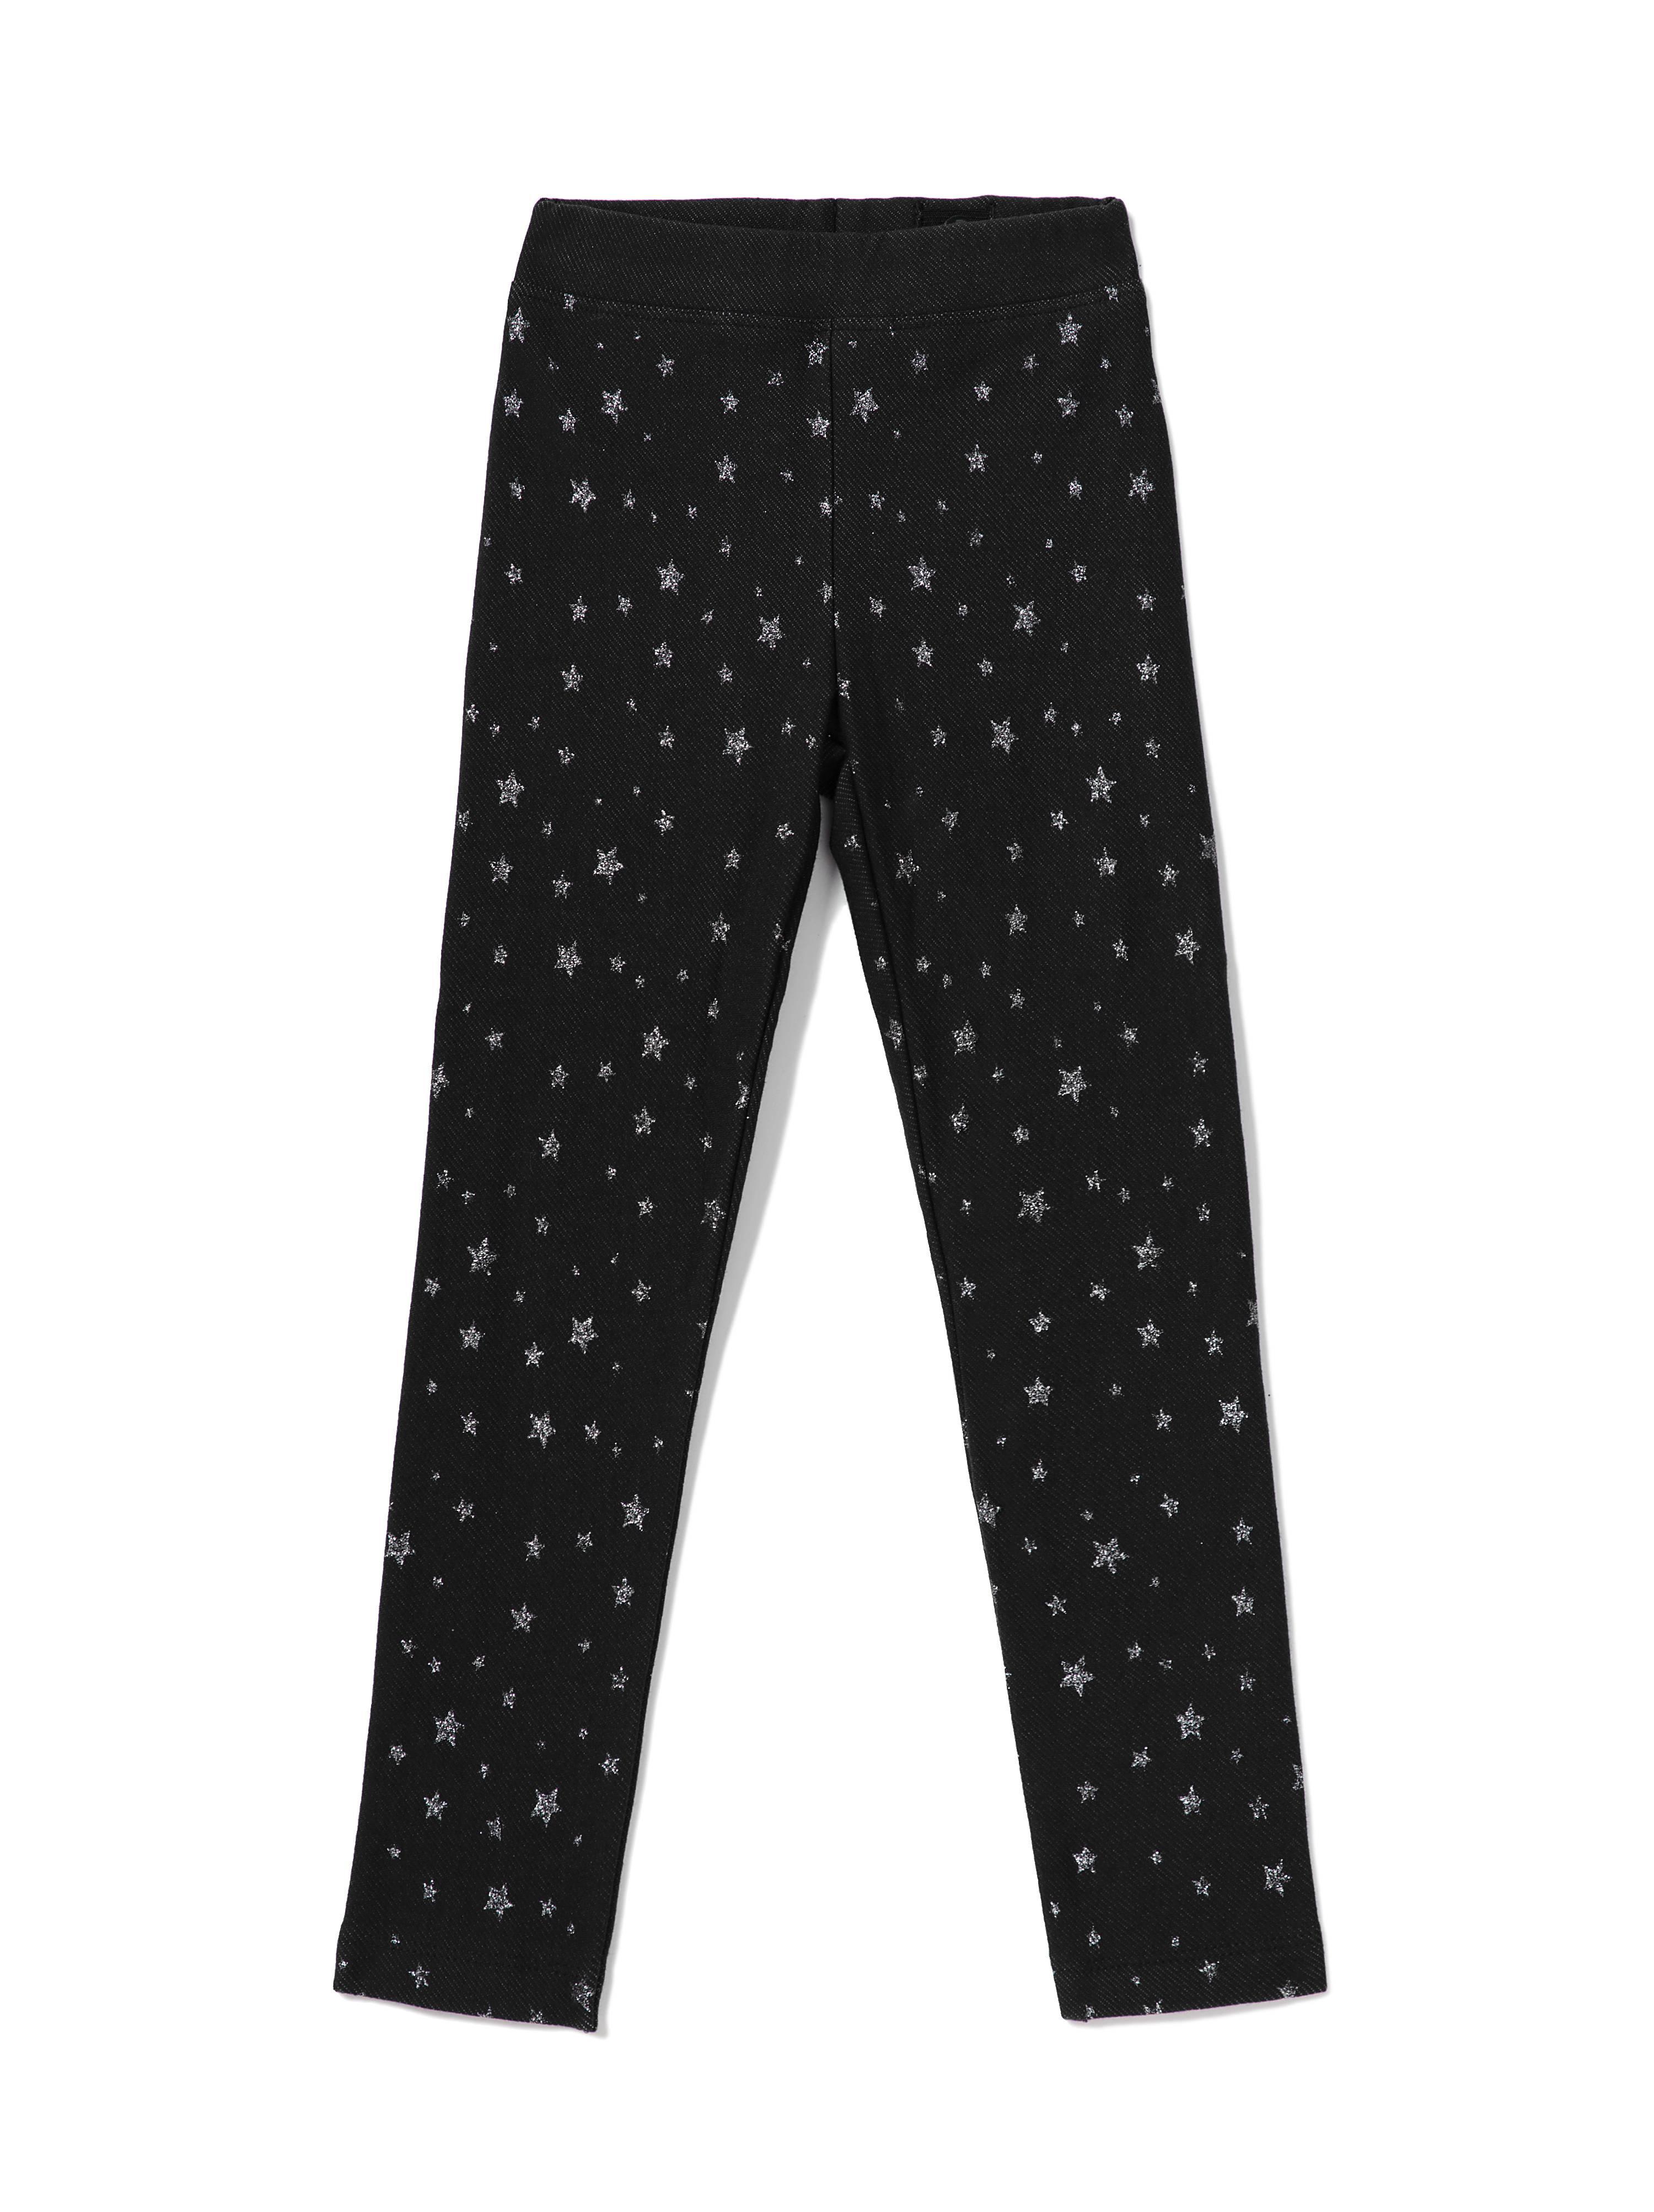 Леггинсы для девочек ⭐️ Ультрамодные джеггинсы с термоэффектом STAR WAY ⭐️